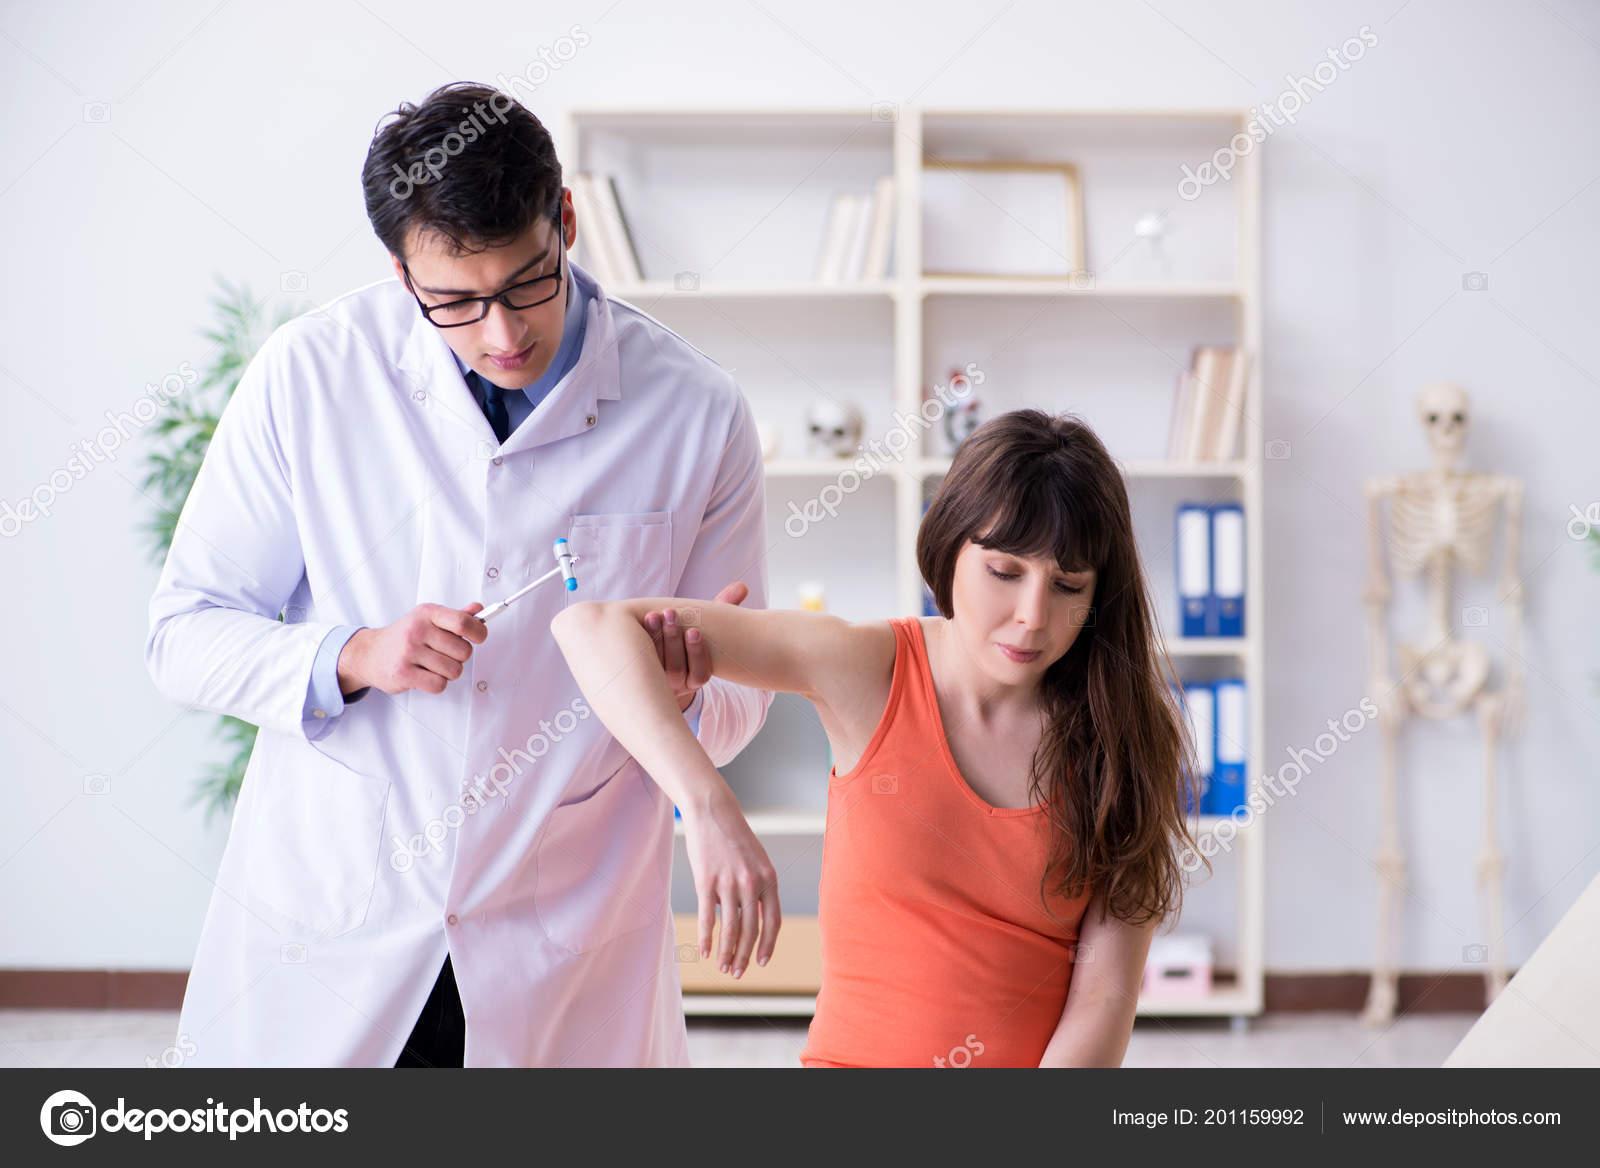 médecin datant fille du patient site de rencontres sans cordes attachées